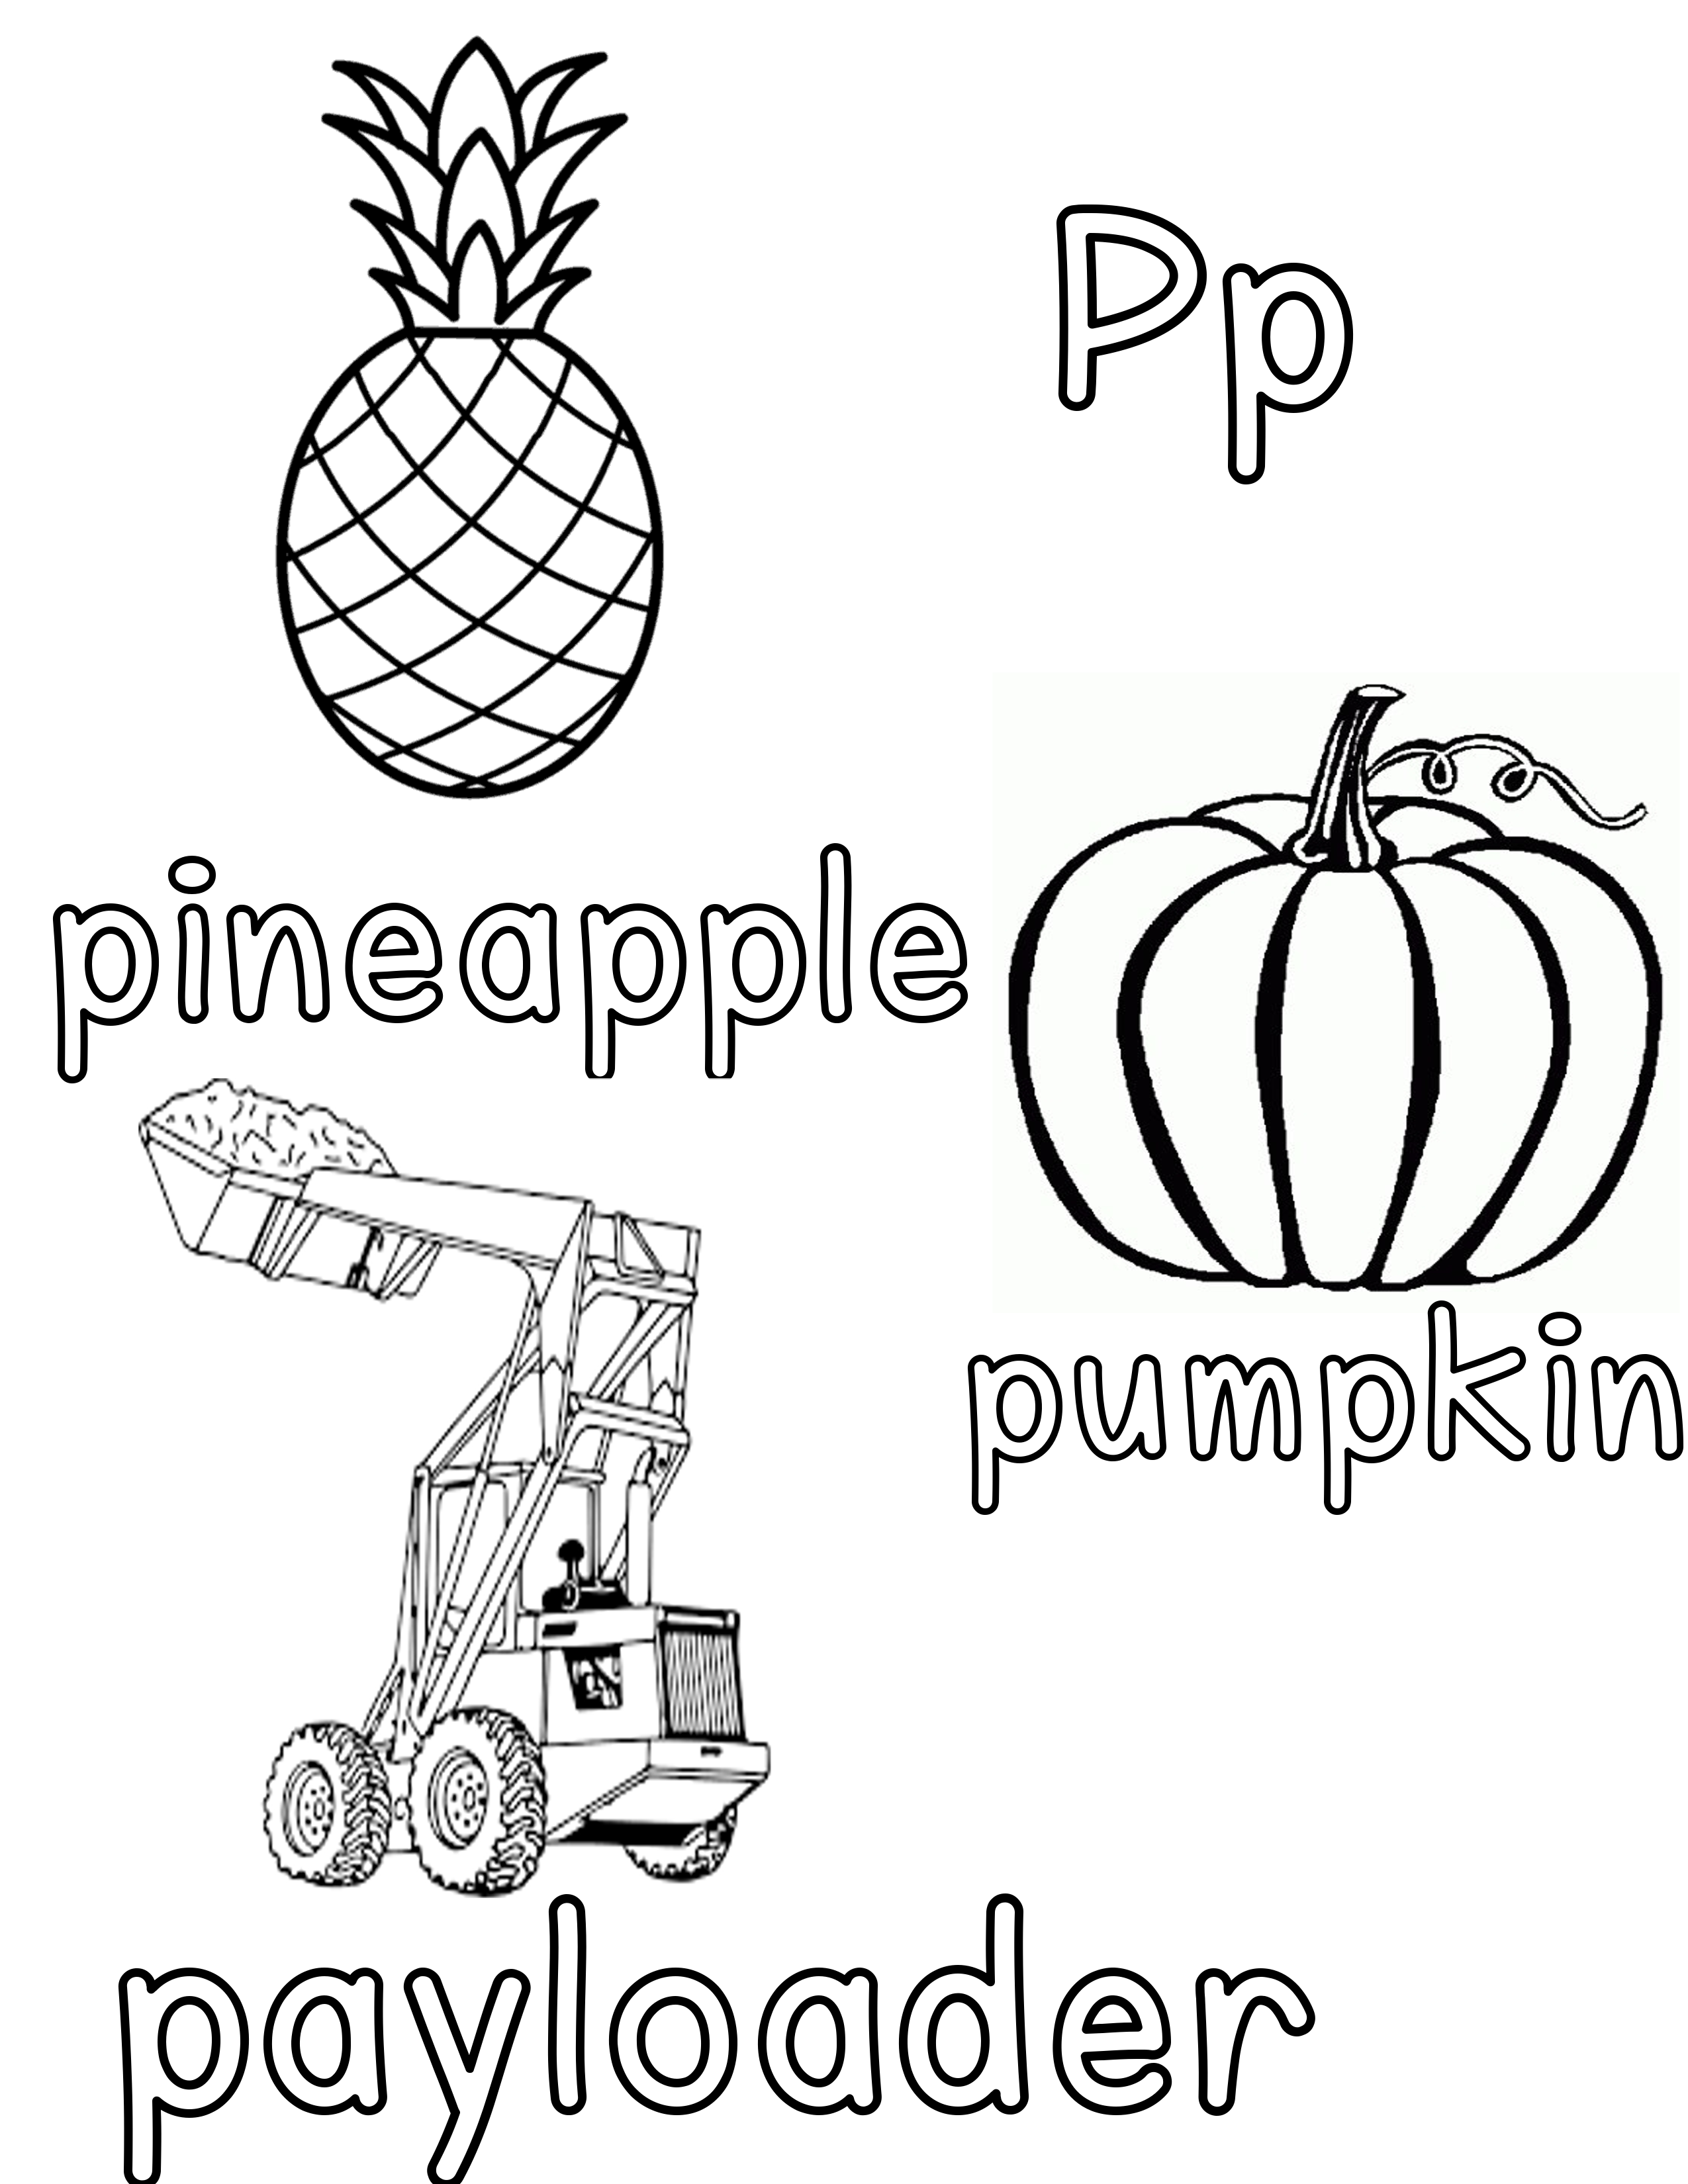 Phonetic Pp Coloring Sheet